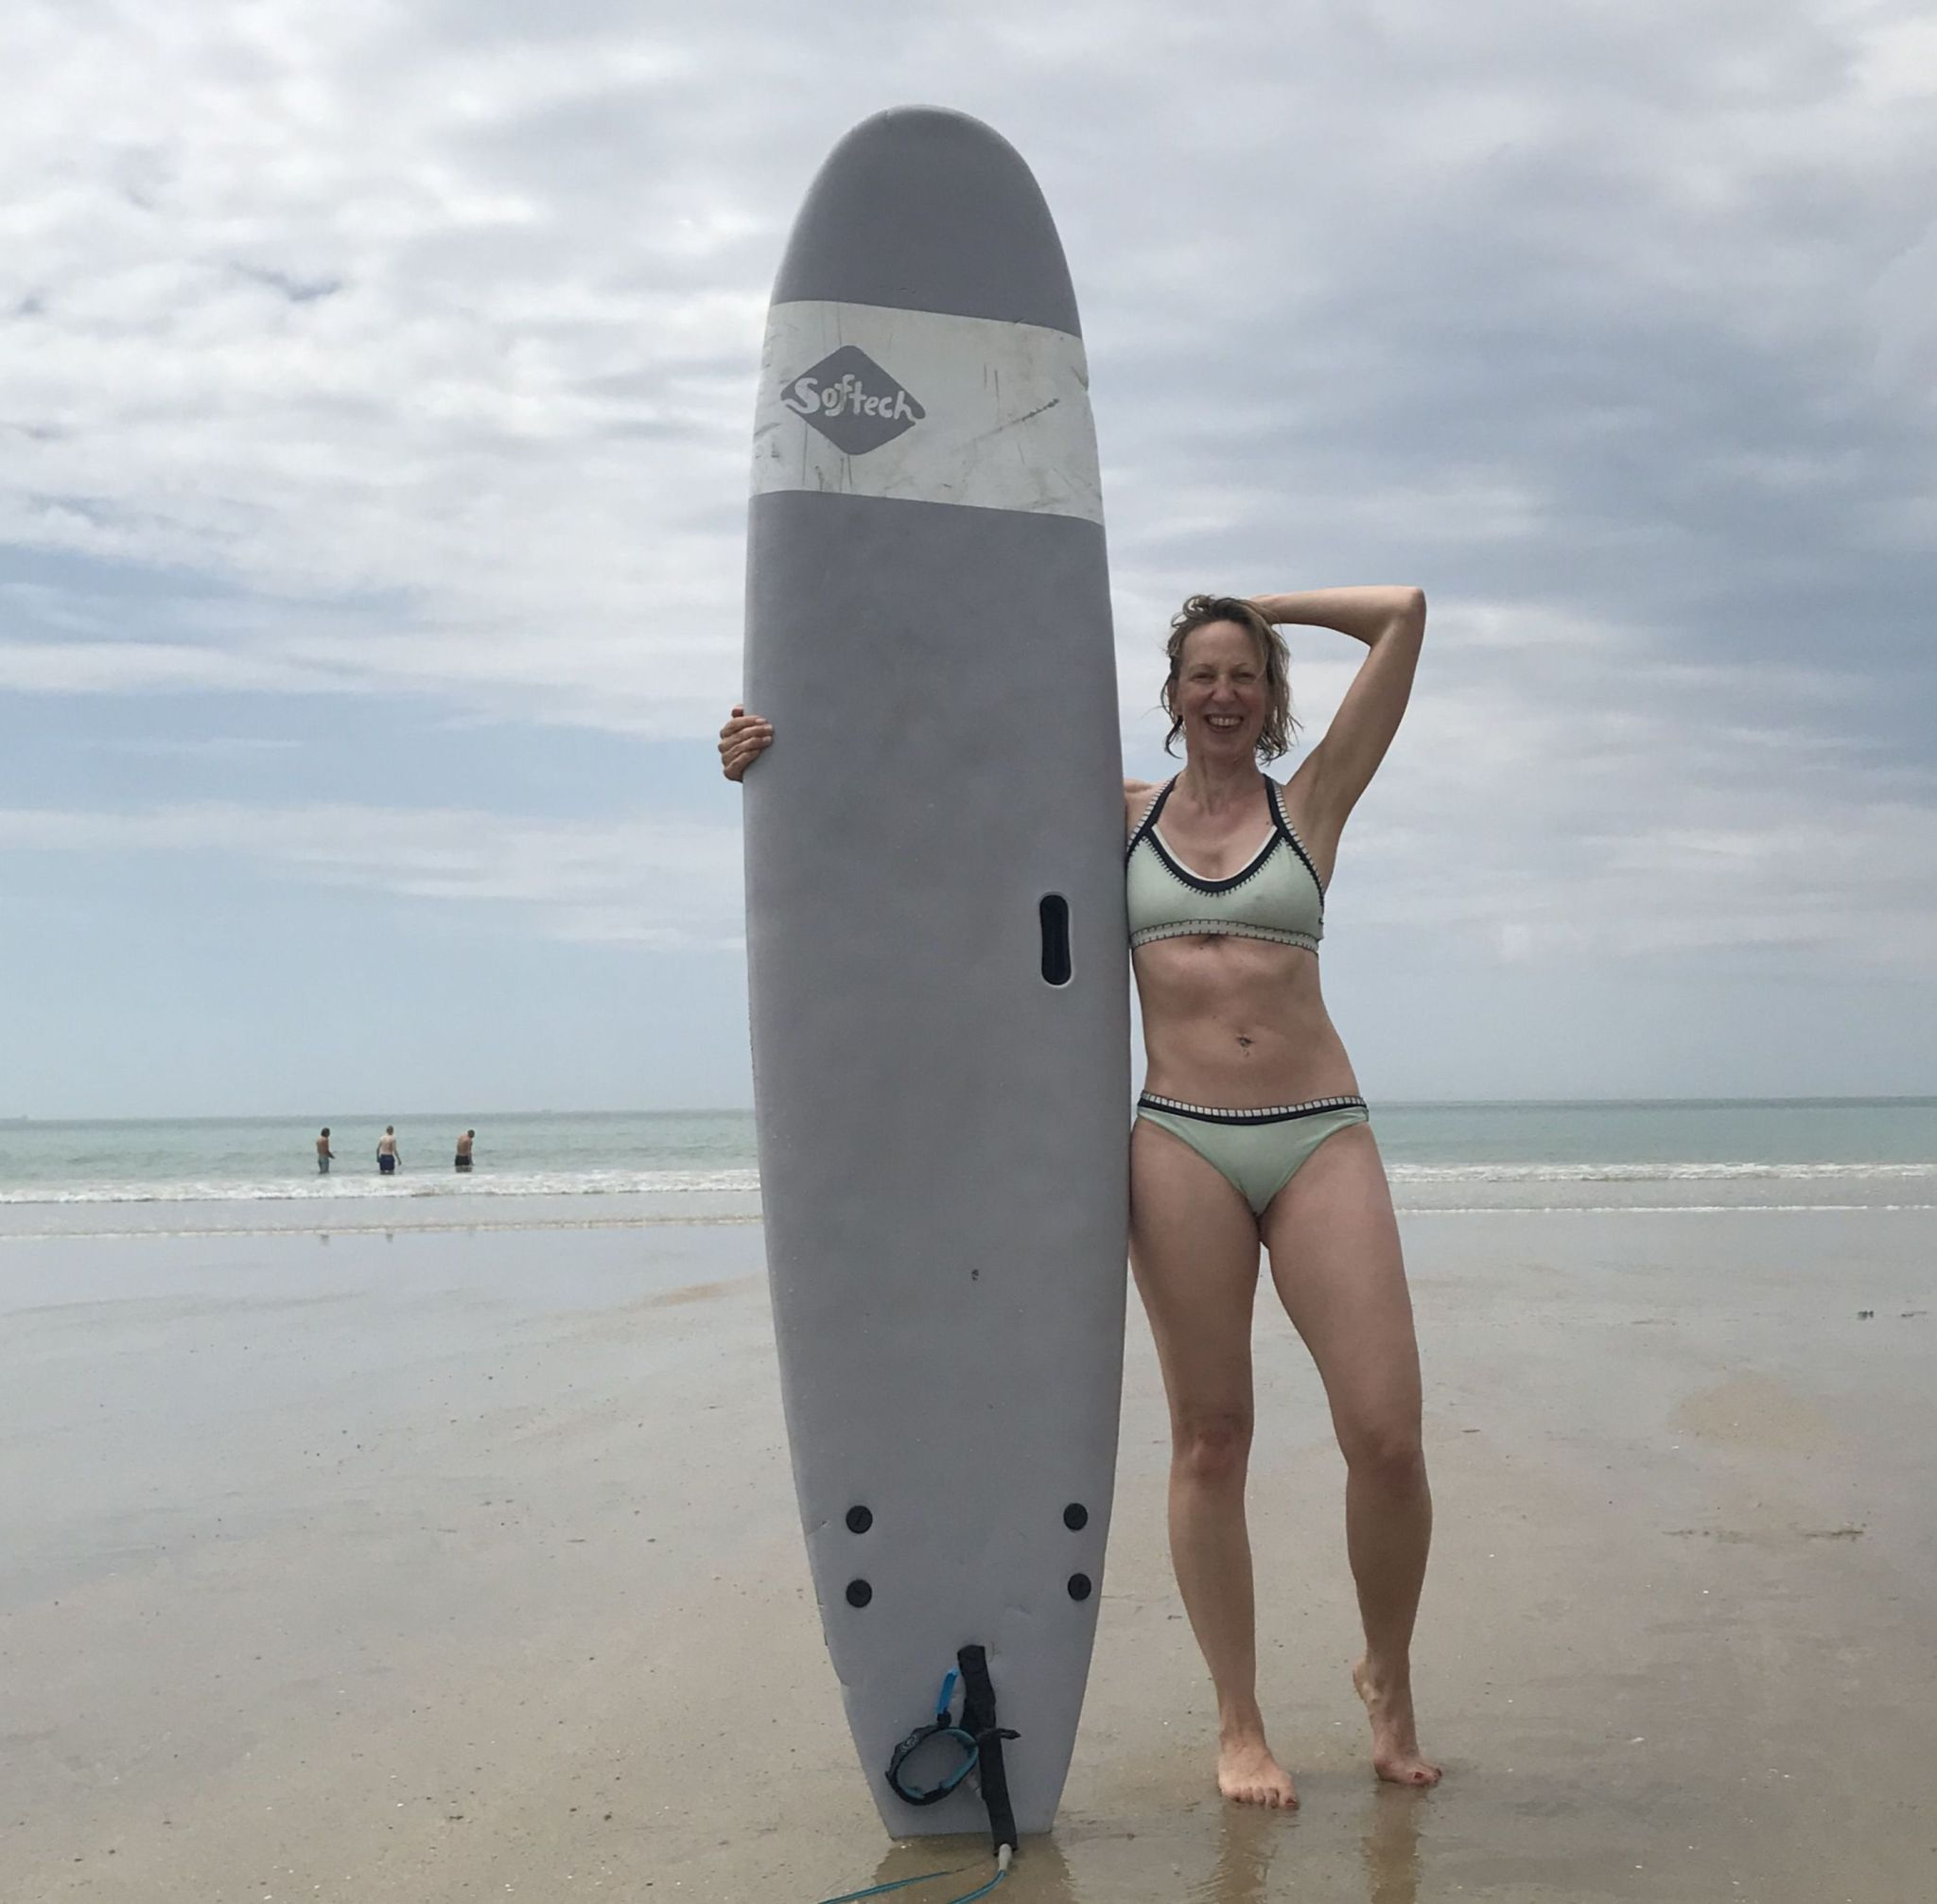 #surfing #iledere #surf-re #travelhector